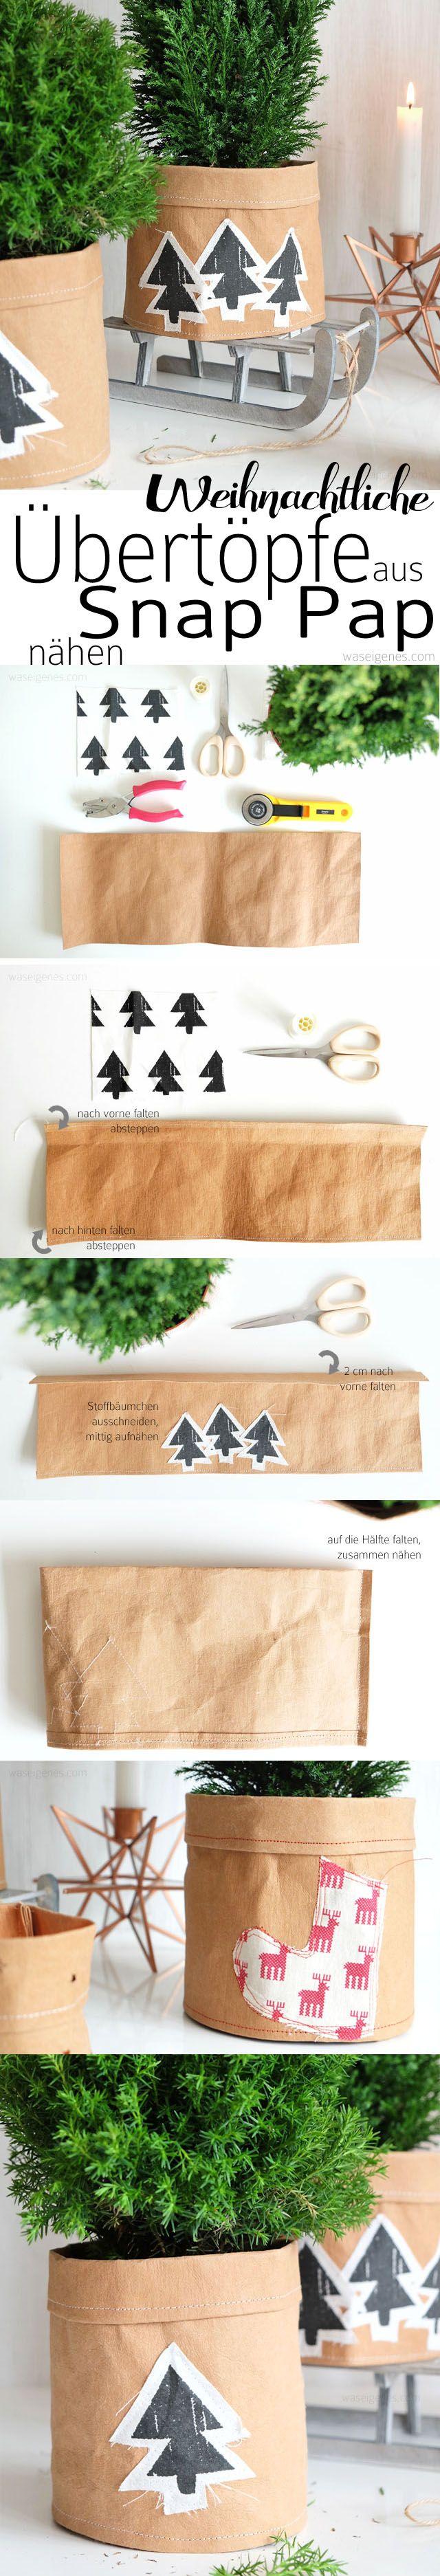 (Weihnachtliche) Übertöpfe aus Snap Pap selber nähen | Anleitung auf waseigenes.com | DIY christmas crafts